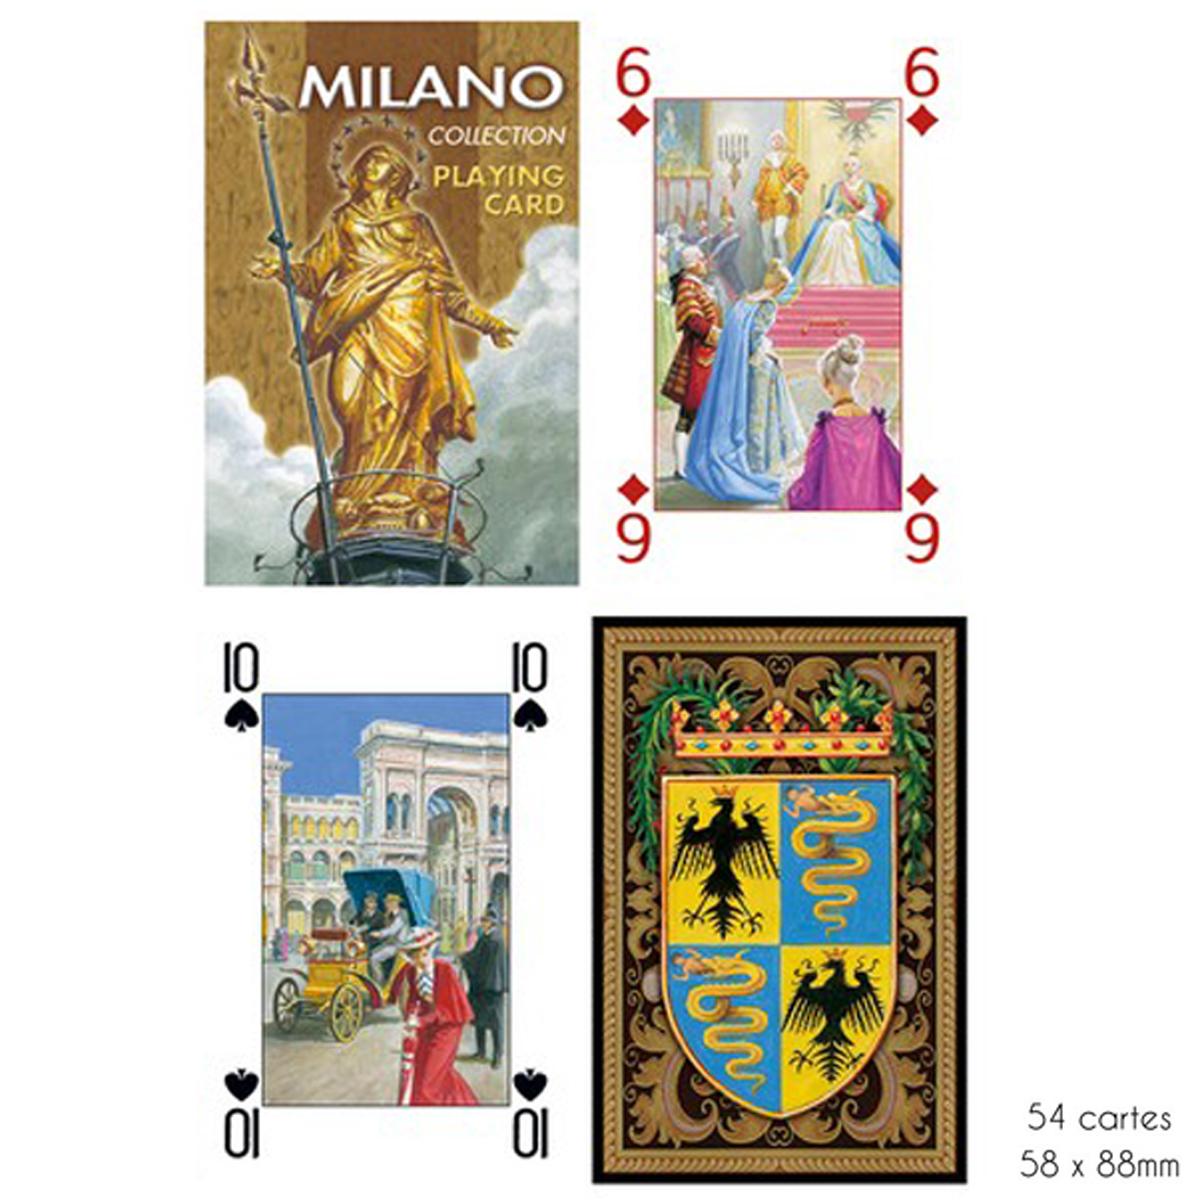 Jeu de cartes Créateur \'Milano\' beige - 9x6x2 cm - [A2974]